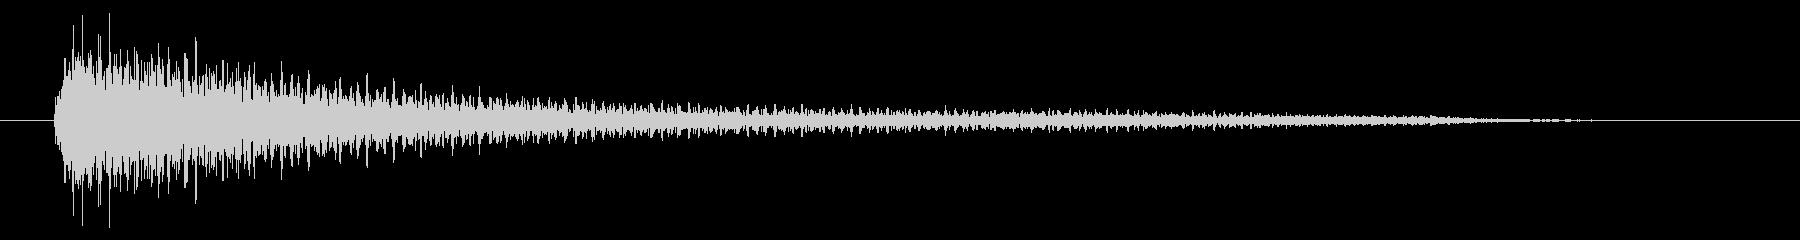 ピアノのお洒落なアクセント(2秒)の未再生の波形